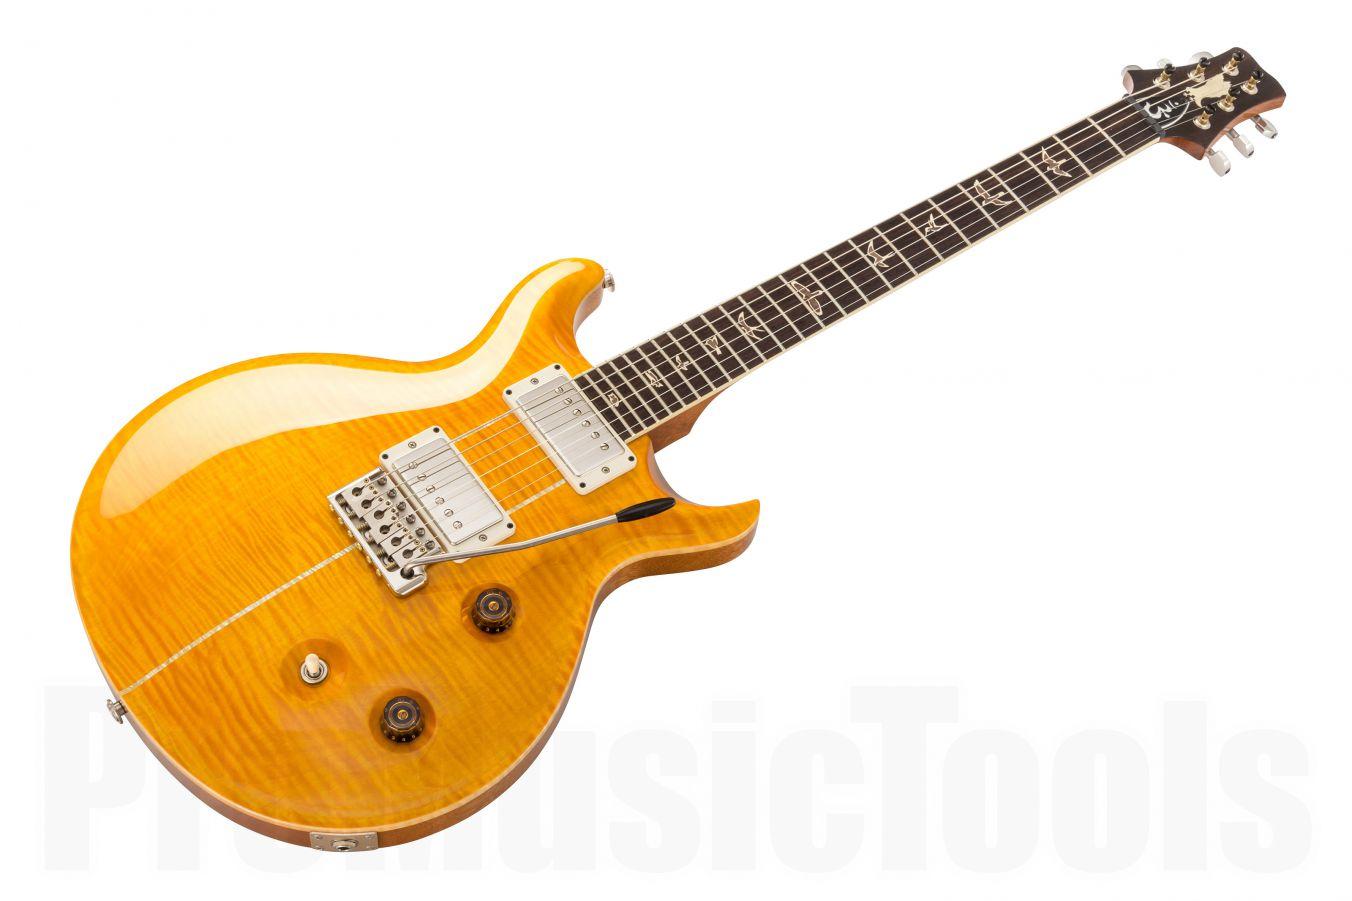 PRS USA Santana SY - Santana Yellow